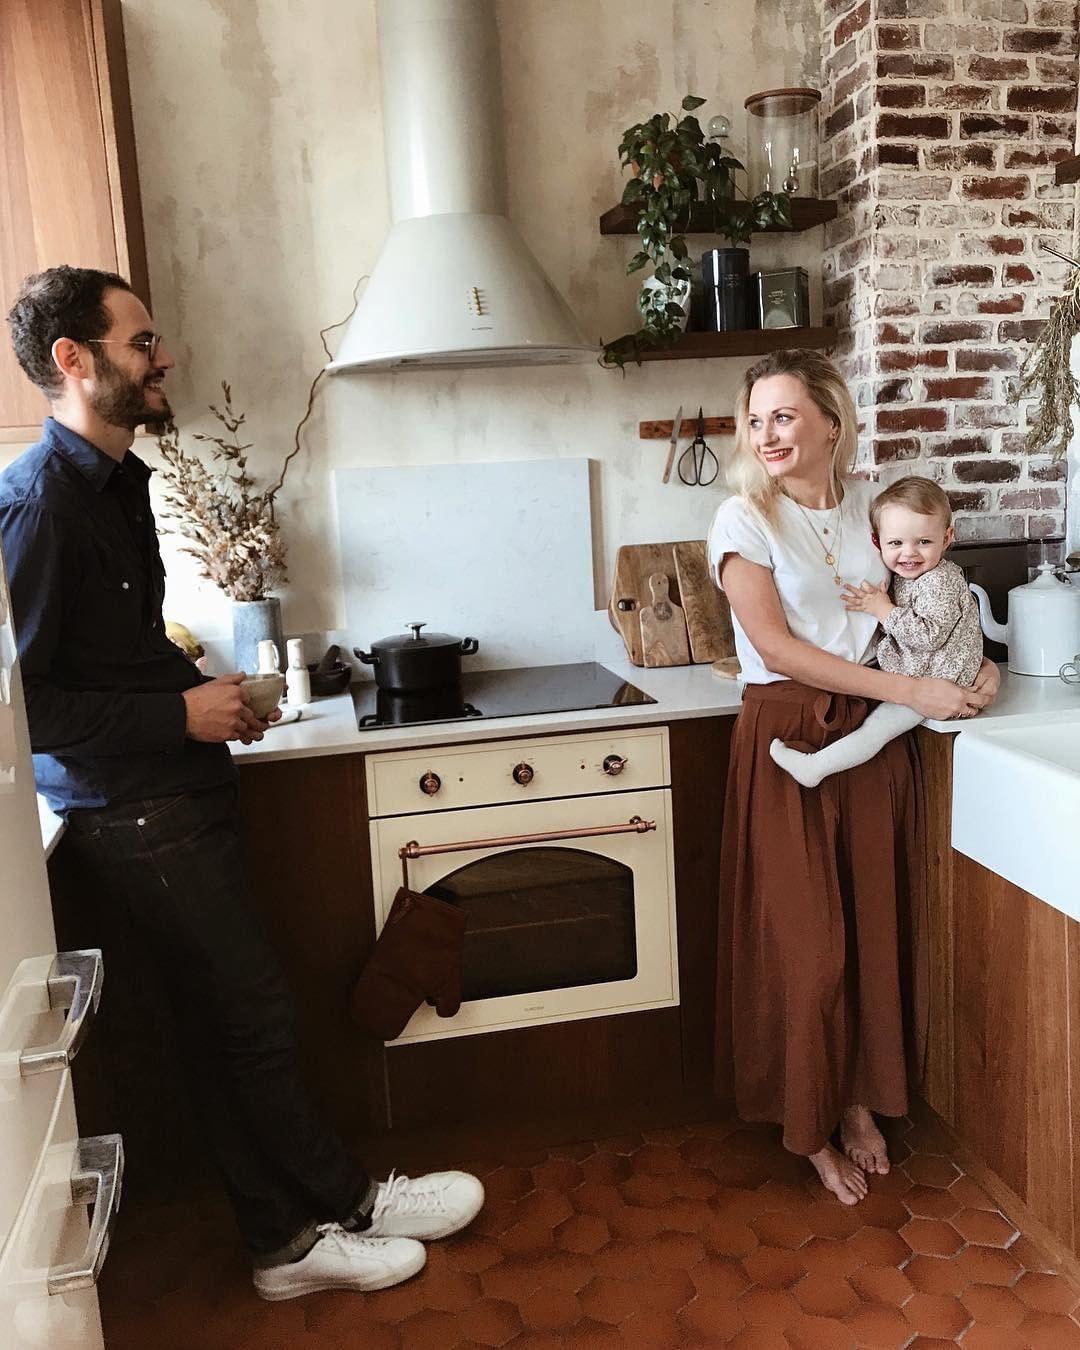 Giải pháp tối ưu cho không gian bếp nhỏ